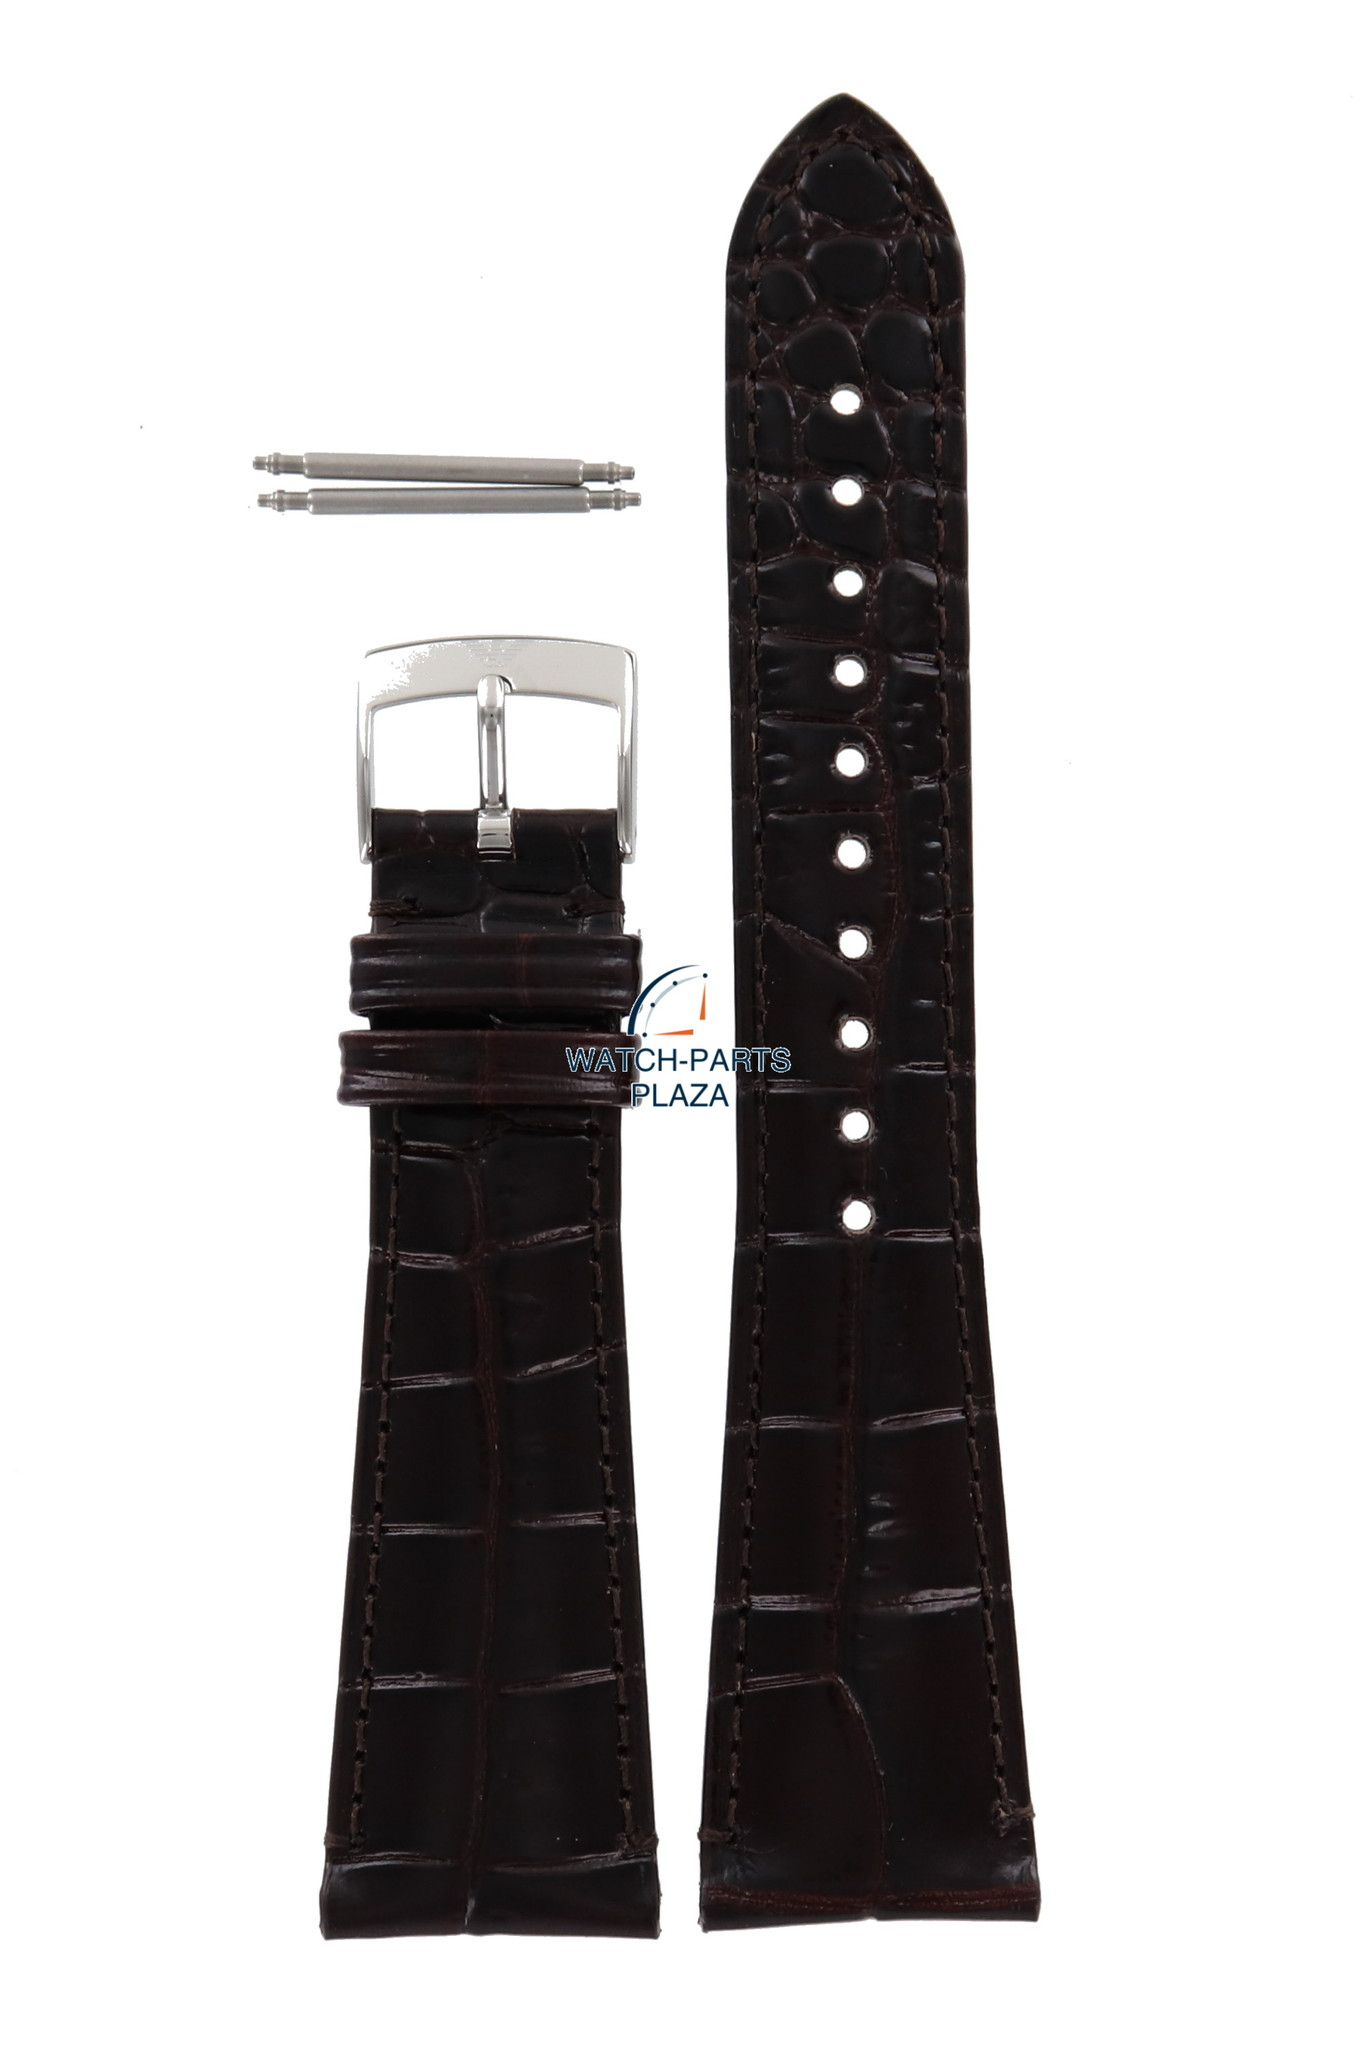 bf424bdd83d4 Armani Banda de reloj AR0285 Emporio Armani correa de cuero marrón oscuro  22 mm original